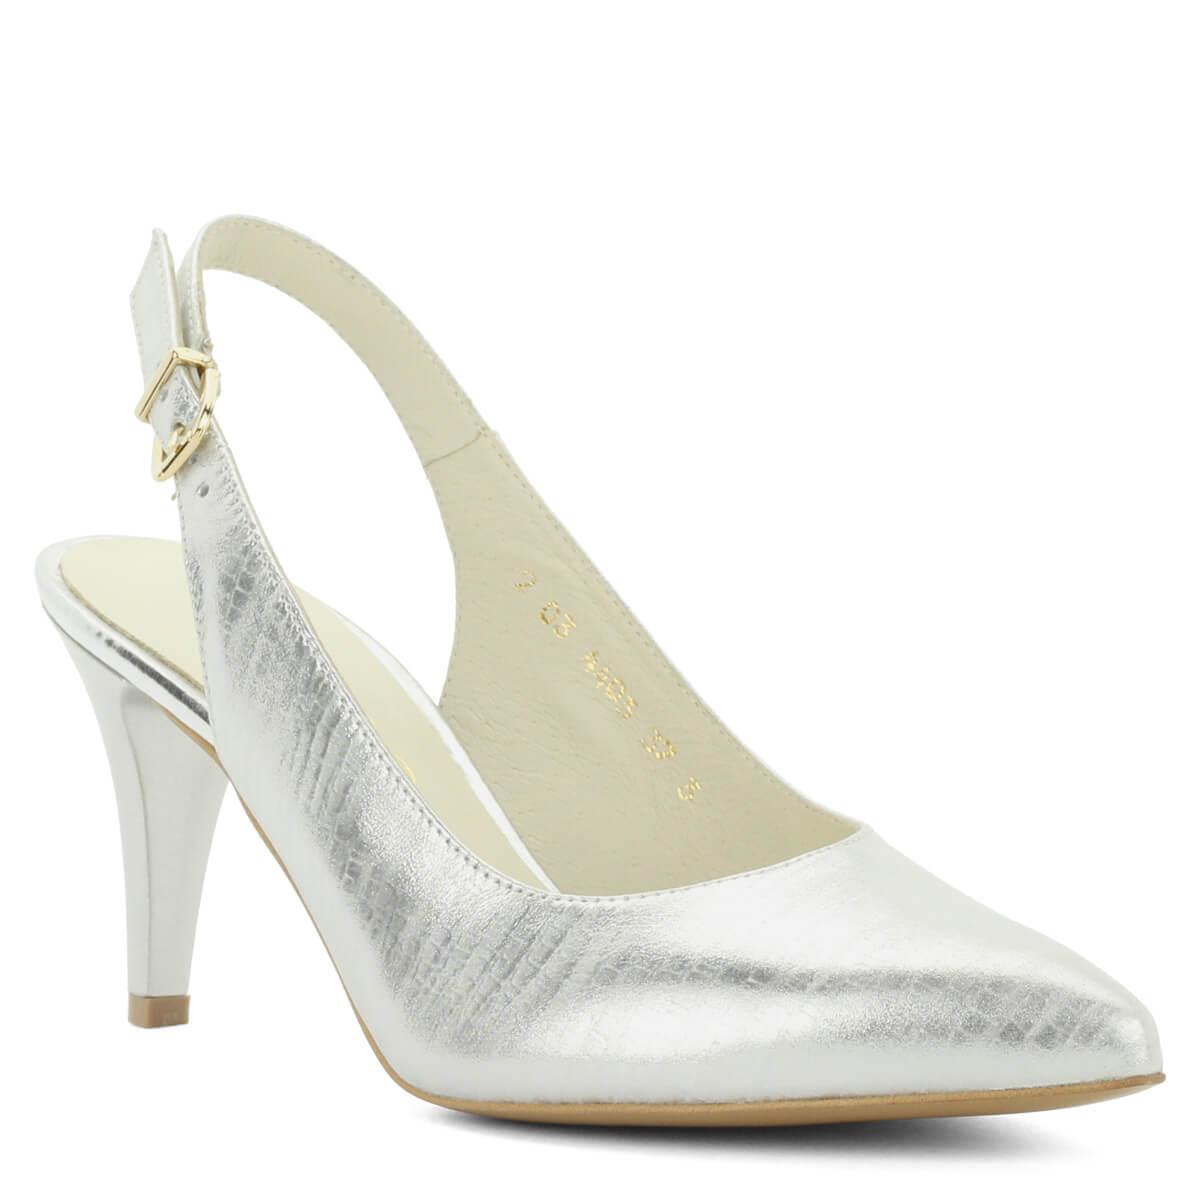 Ezüst Anis bőr szandálcipő 8 cm magas sarokkal. Elöl zárt, hátul nyitott, sarokpántos alkalmi cipő, felsőrésze és bélése egyaránt bőr, sarokpántja állítható